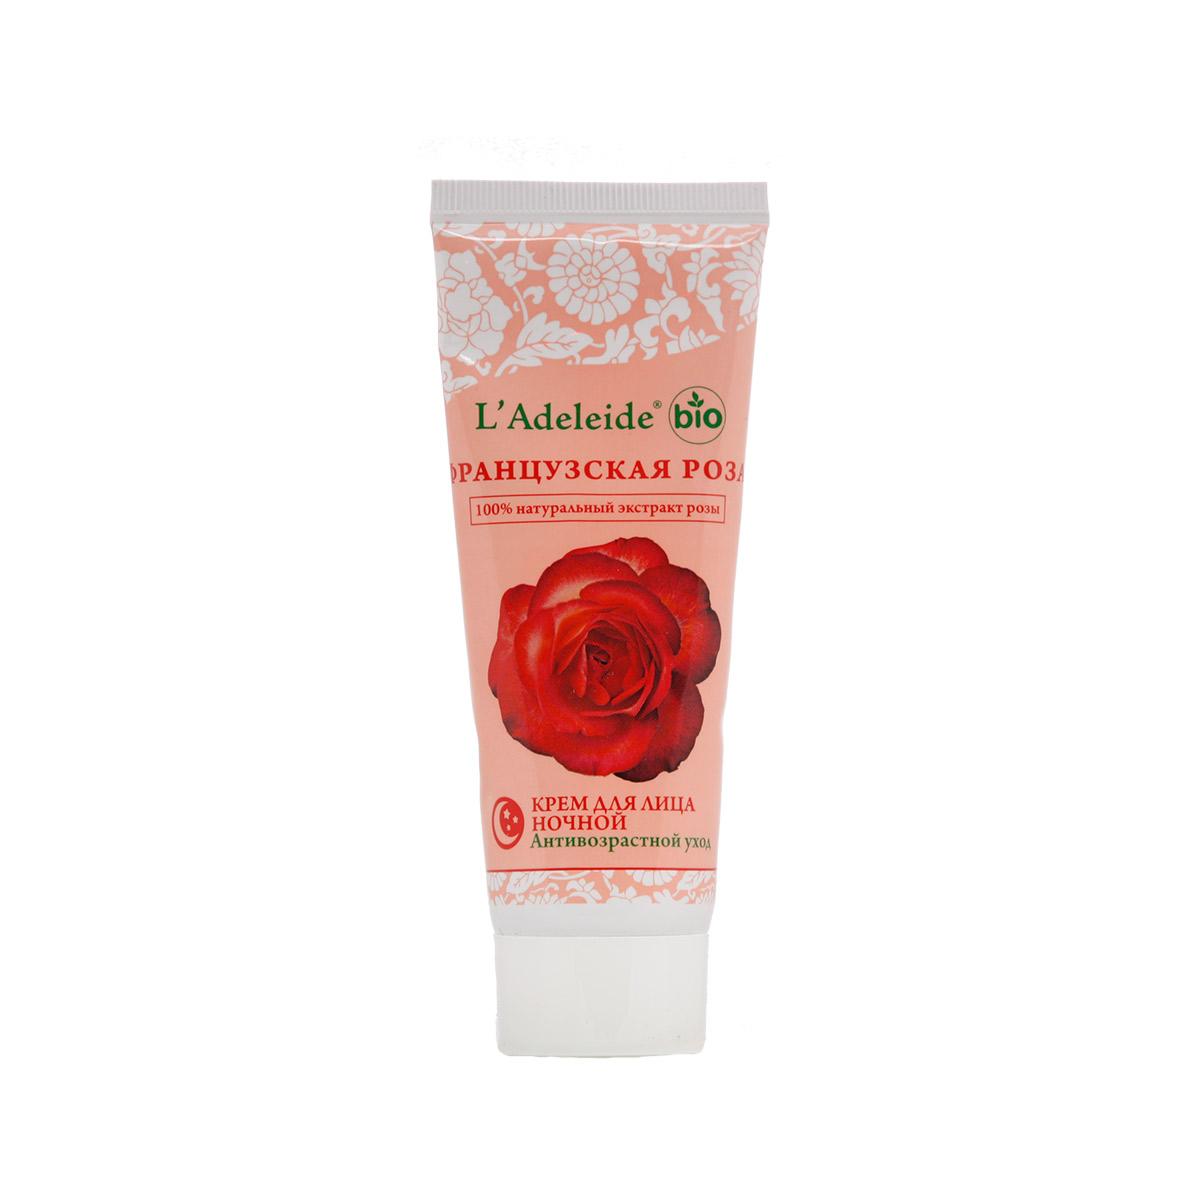 LAdeleide Крем для лица ночной Французская роза Антивозрастной, 75 млКС-329Французская роза – это линия компании L'Adeleide на основе натурального экстракта французской розы, волшебным эффектом которого пользуются многие столетия жительницы Cредиземноморья. Французская роза известна своим регенерирующим и омолаживающим эффектом. Благодаря последним технологиям, L'Adeleide смог передать сильный эффект экстракта. Косметический крем для лица Французская роза легко впитывается, устраняет все признаки уставшей кожи: успокаивает, увлажняет и питает. Сбалансированная формула крема содержит дистиллят розы и важнейшие витамины F и E. Крем способствует поддержанию эластичности и упругости кожи. В составе - комплекс Hydrovance, который обеспечивает тотальное увлажнение кожи за счет своего проникновения даже в самые глубокие слои эпидермиса. Hydrovance уменьшает раздражения и воспаления сухой кожи и повышает эластичность. Применение крема стимулирует клеточную регенерацию, препятствует возникновению морщин, способствует разглаживанию мелких морщин, повышает защитные свойства кожи, выравнивает цвет, нормализует активность сальных желез.